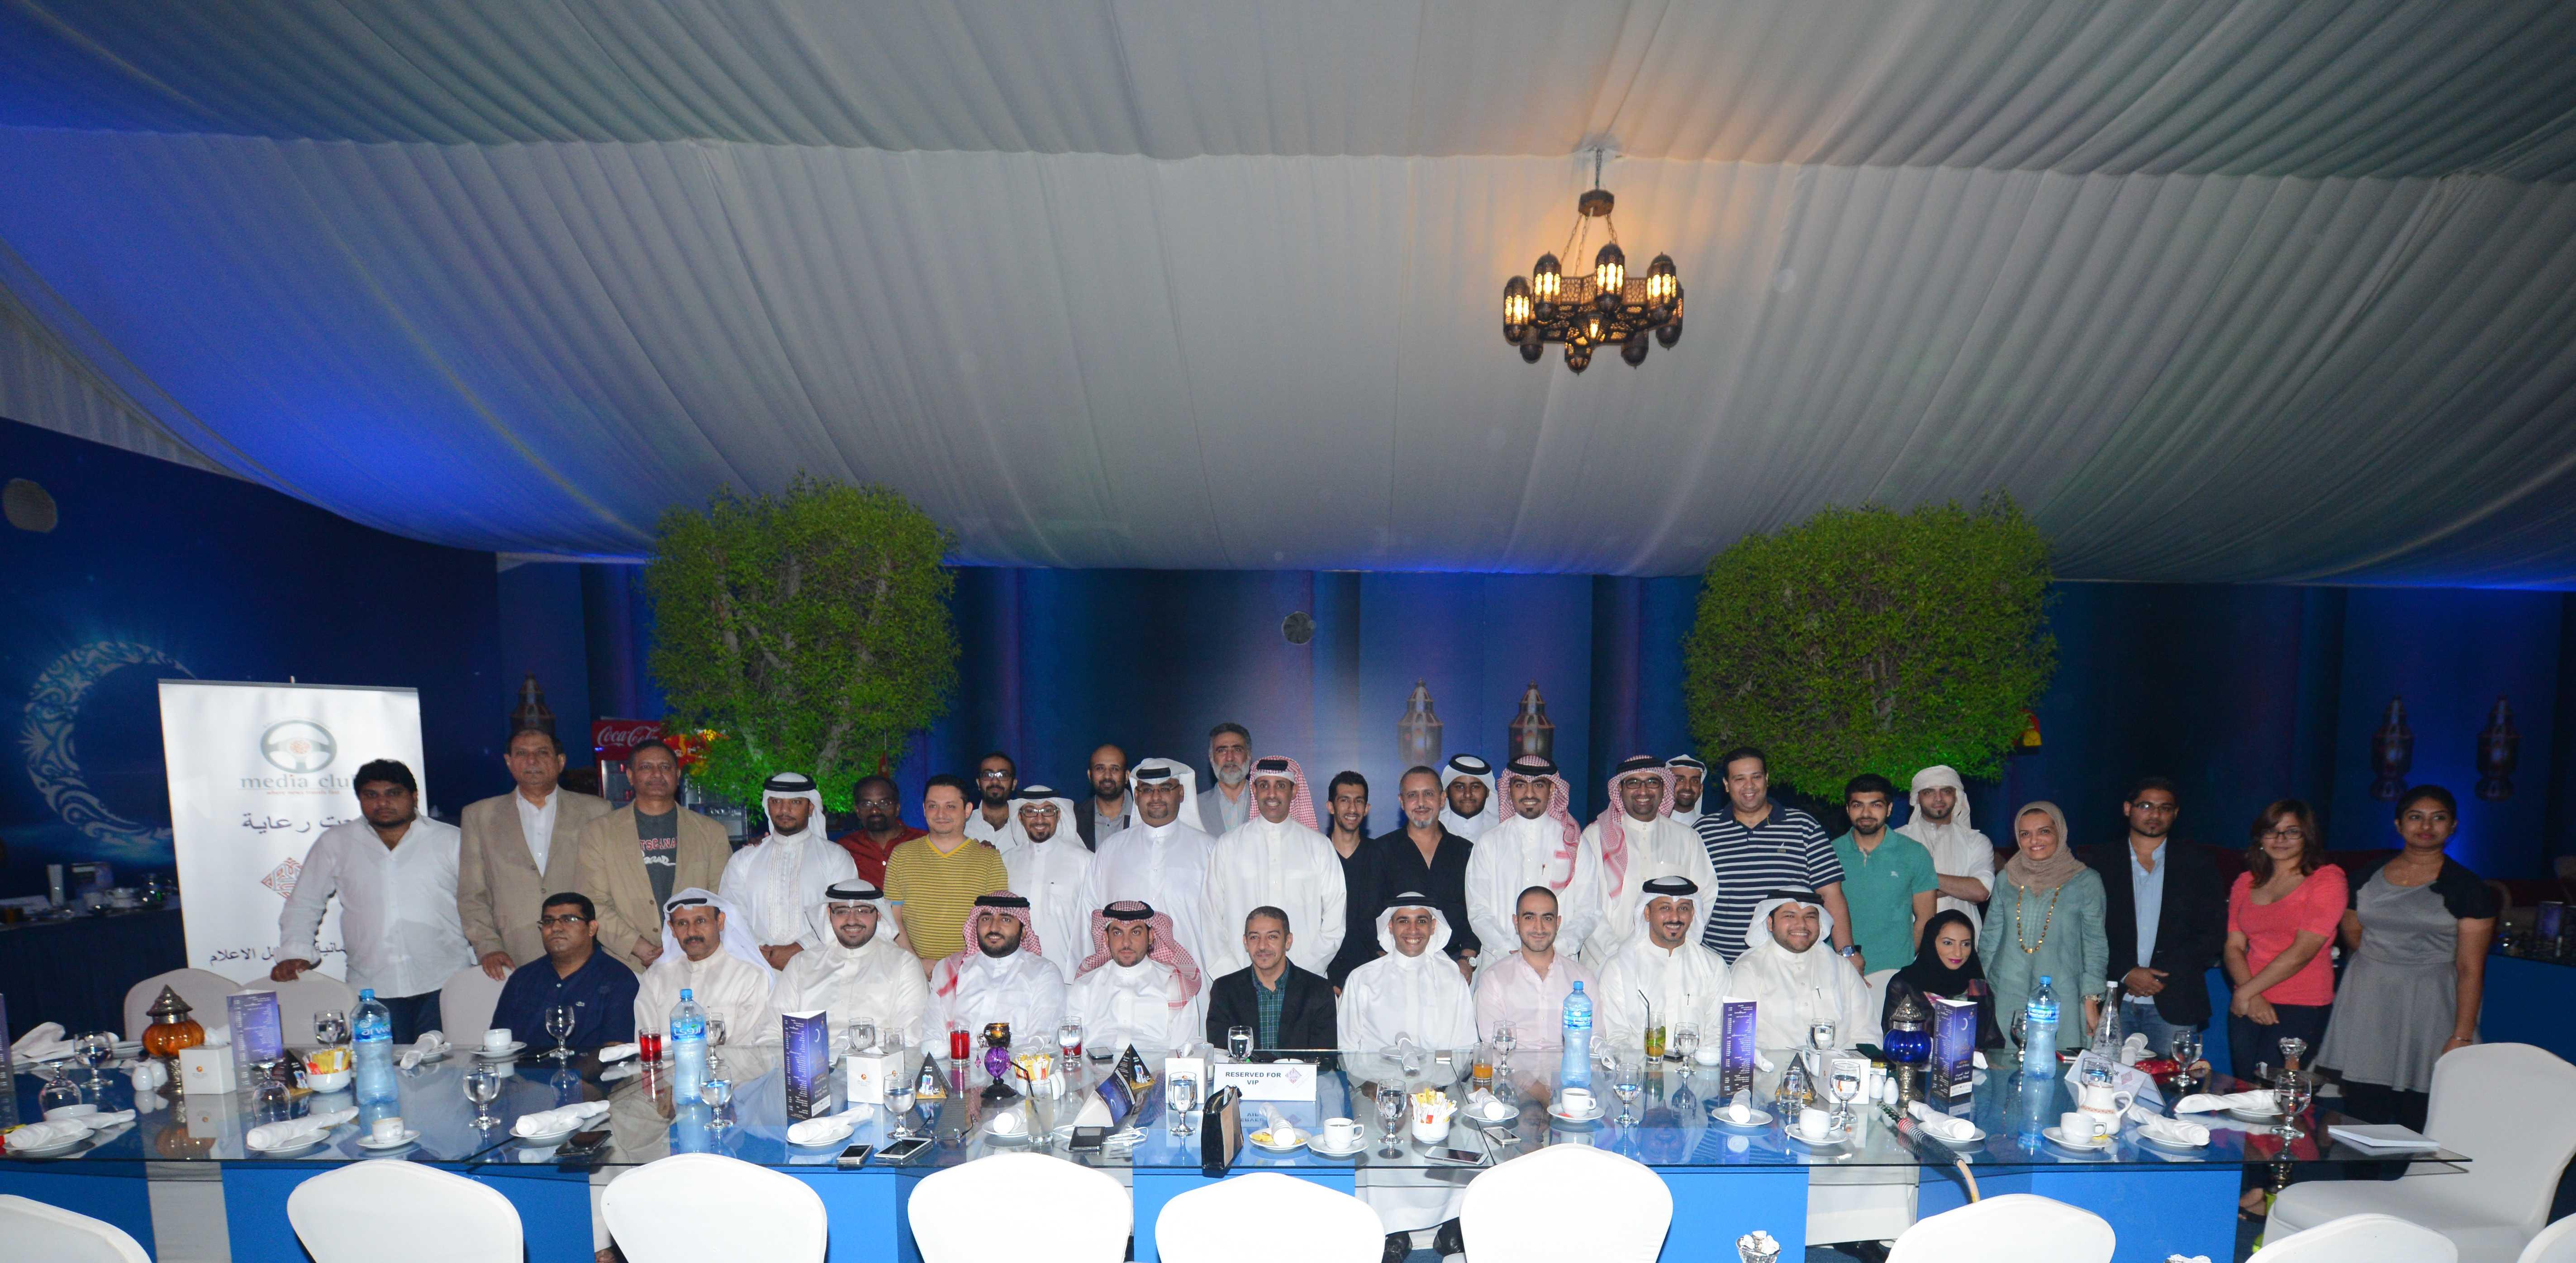 وسط حضور كبير من شخصيات رياضية وإعلامية  نادي حلبة البحرين الدولية للإعلام يقيم غبقته الرمضانية